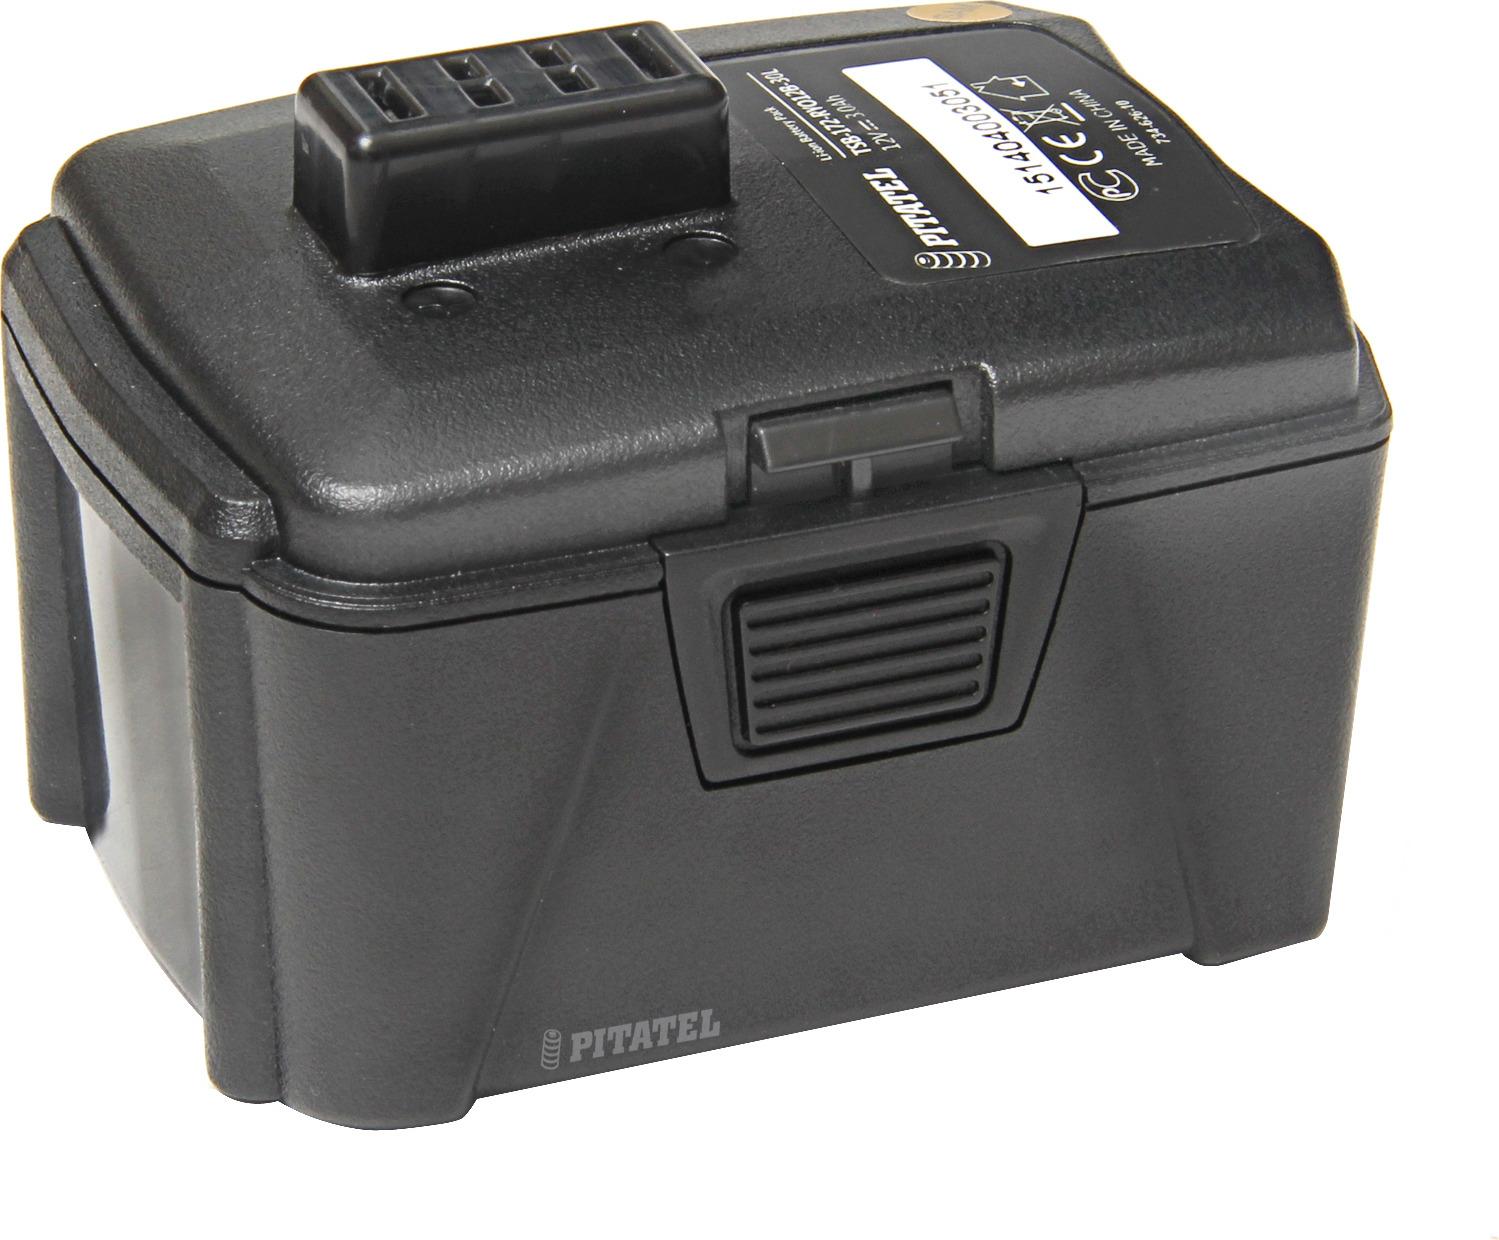 Аккумулятор для инструмента Pitatel TSB-172-RYO12B-30L для RYOBI, черный цена